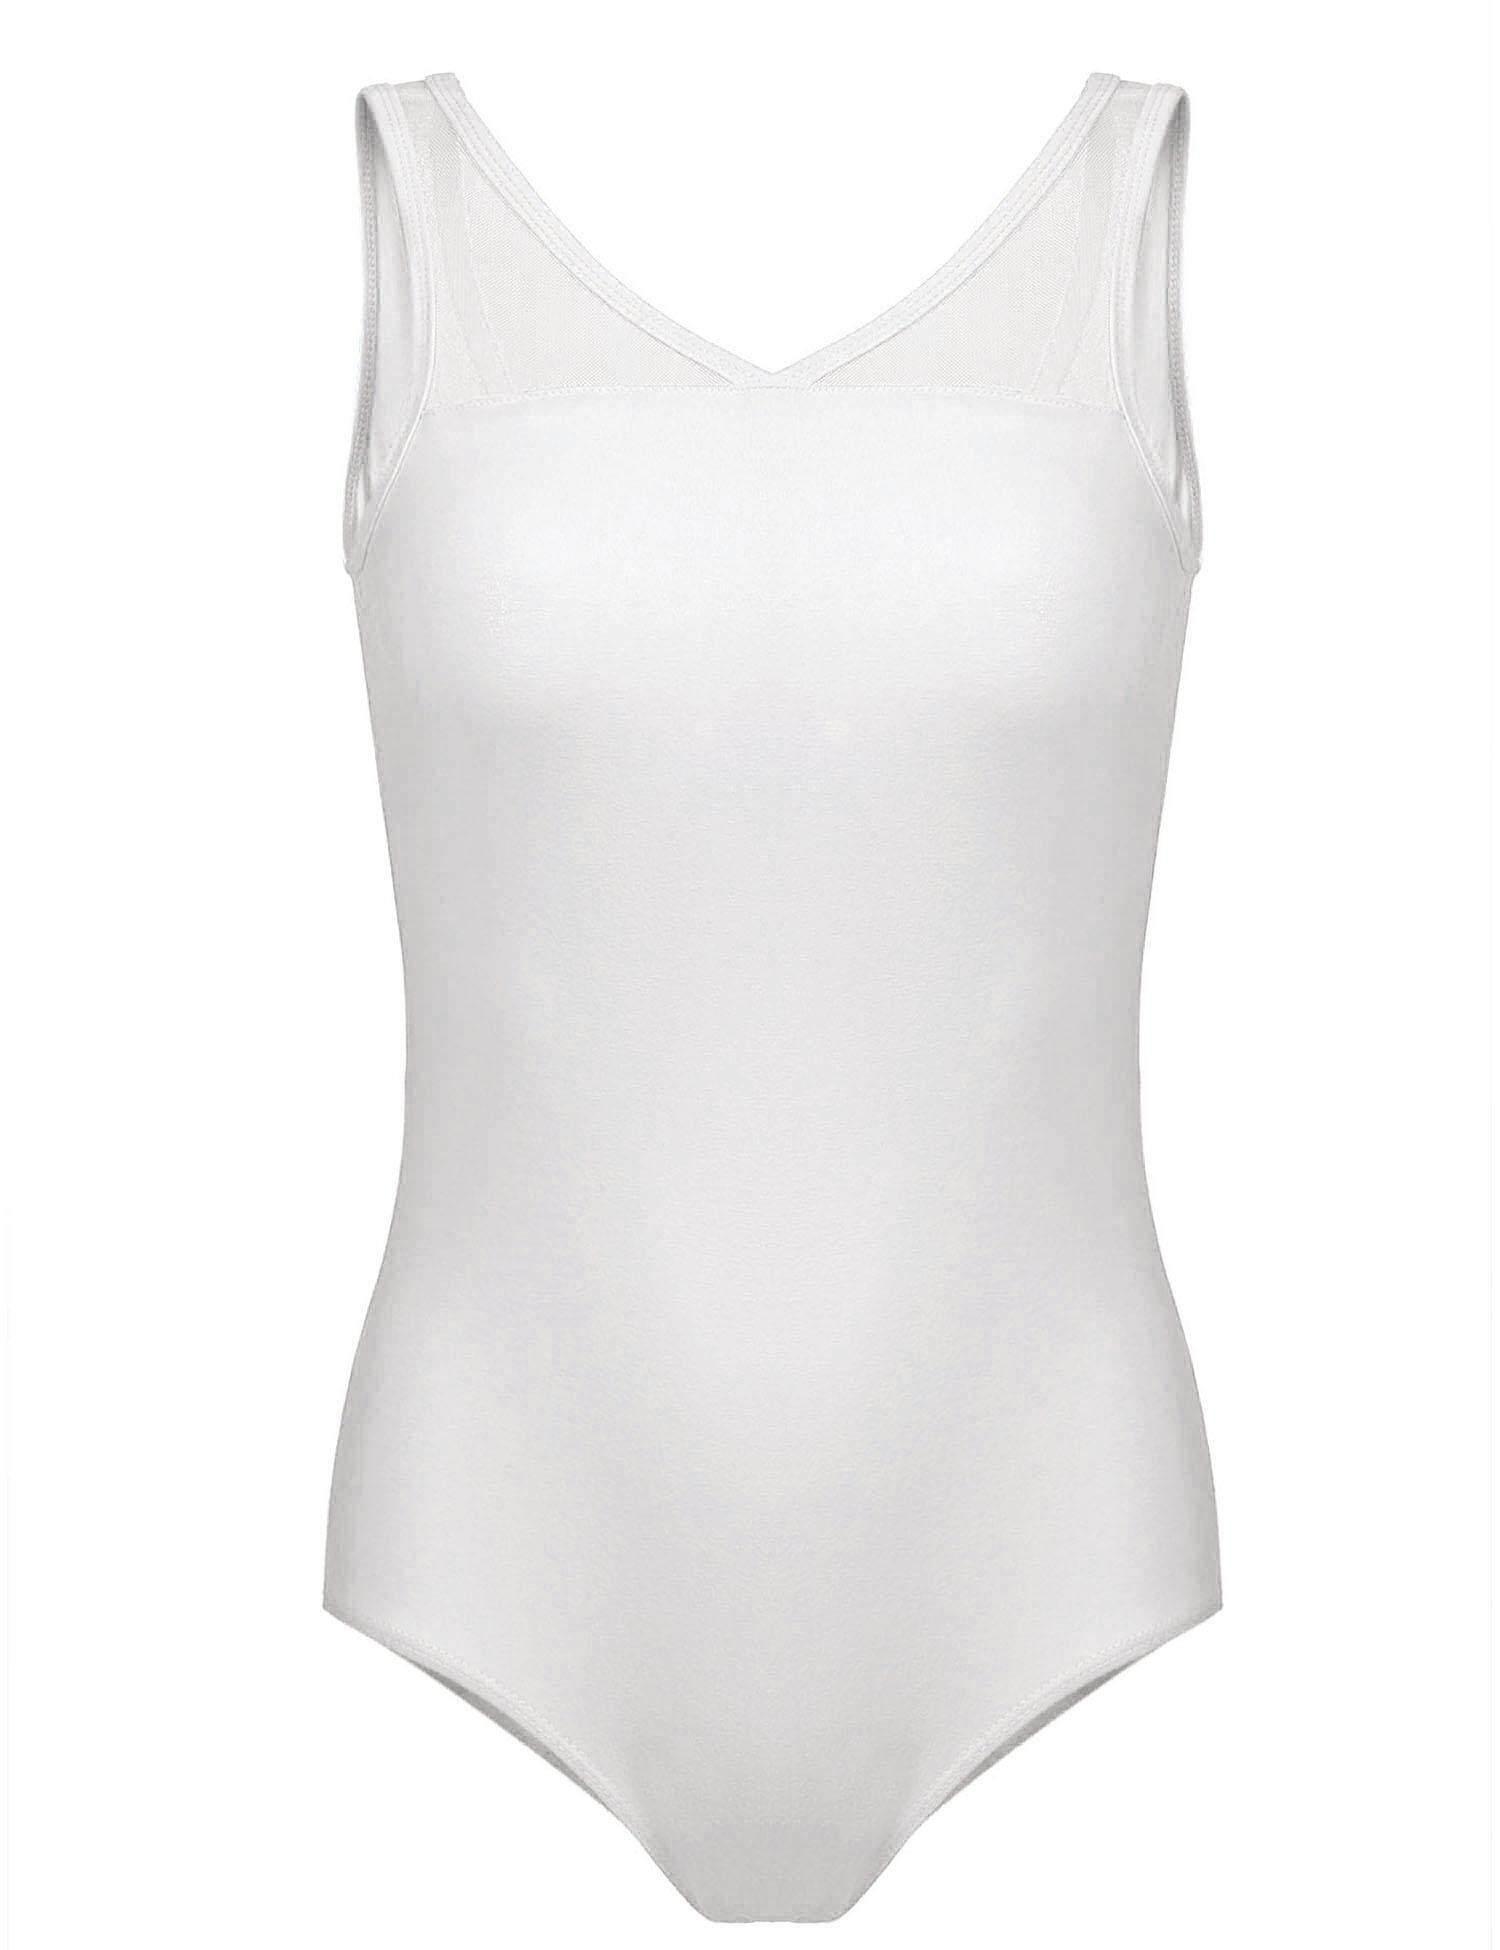 Toprank ผู้หญิงยิมนาสติกแขนกุด Dancewear ตาข่ายเสื้อสายเดี่ยวสีพื้น Leotard - Intl.